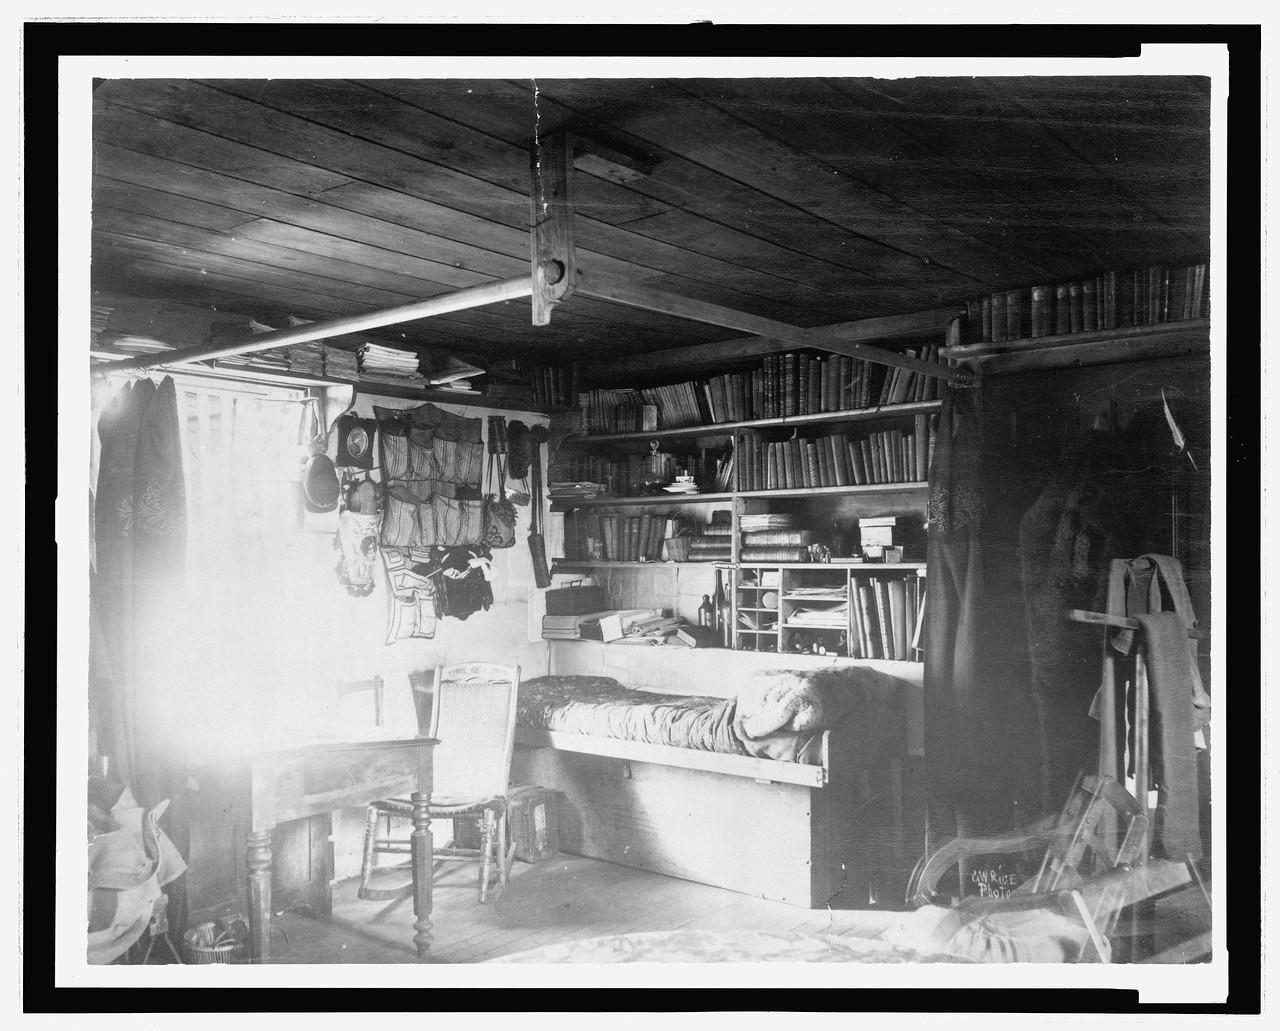 3c36208uЖилые помещения на озере Форт Конгер, 1881.jpg